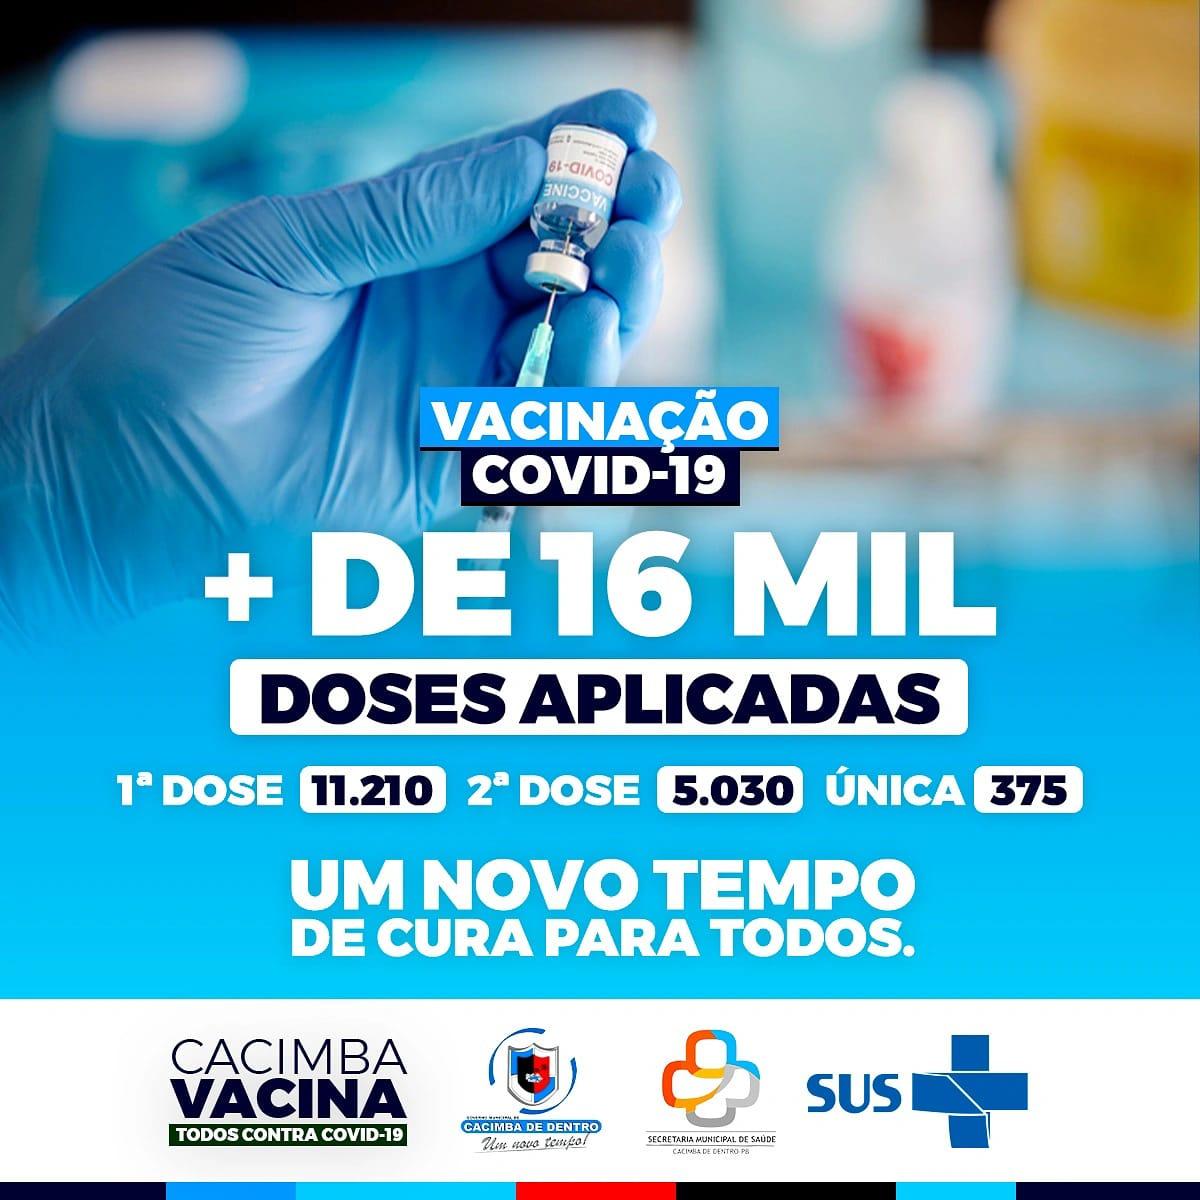 Mais de 16 mil doses aplicadas